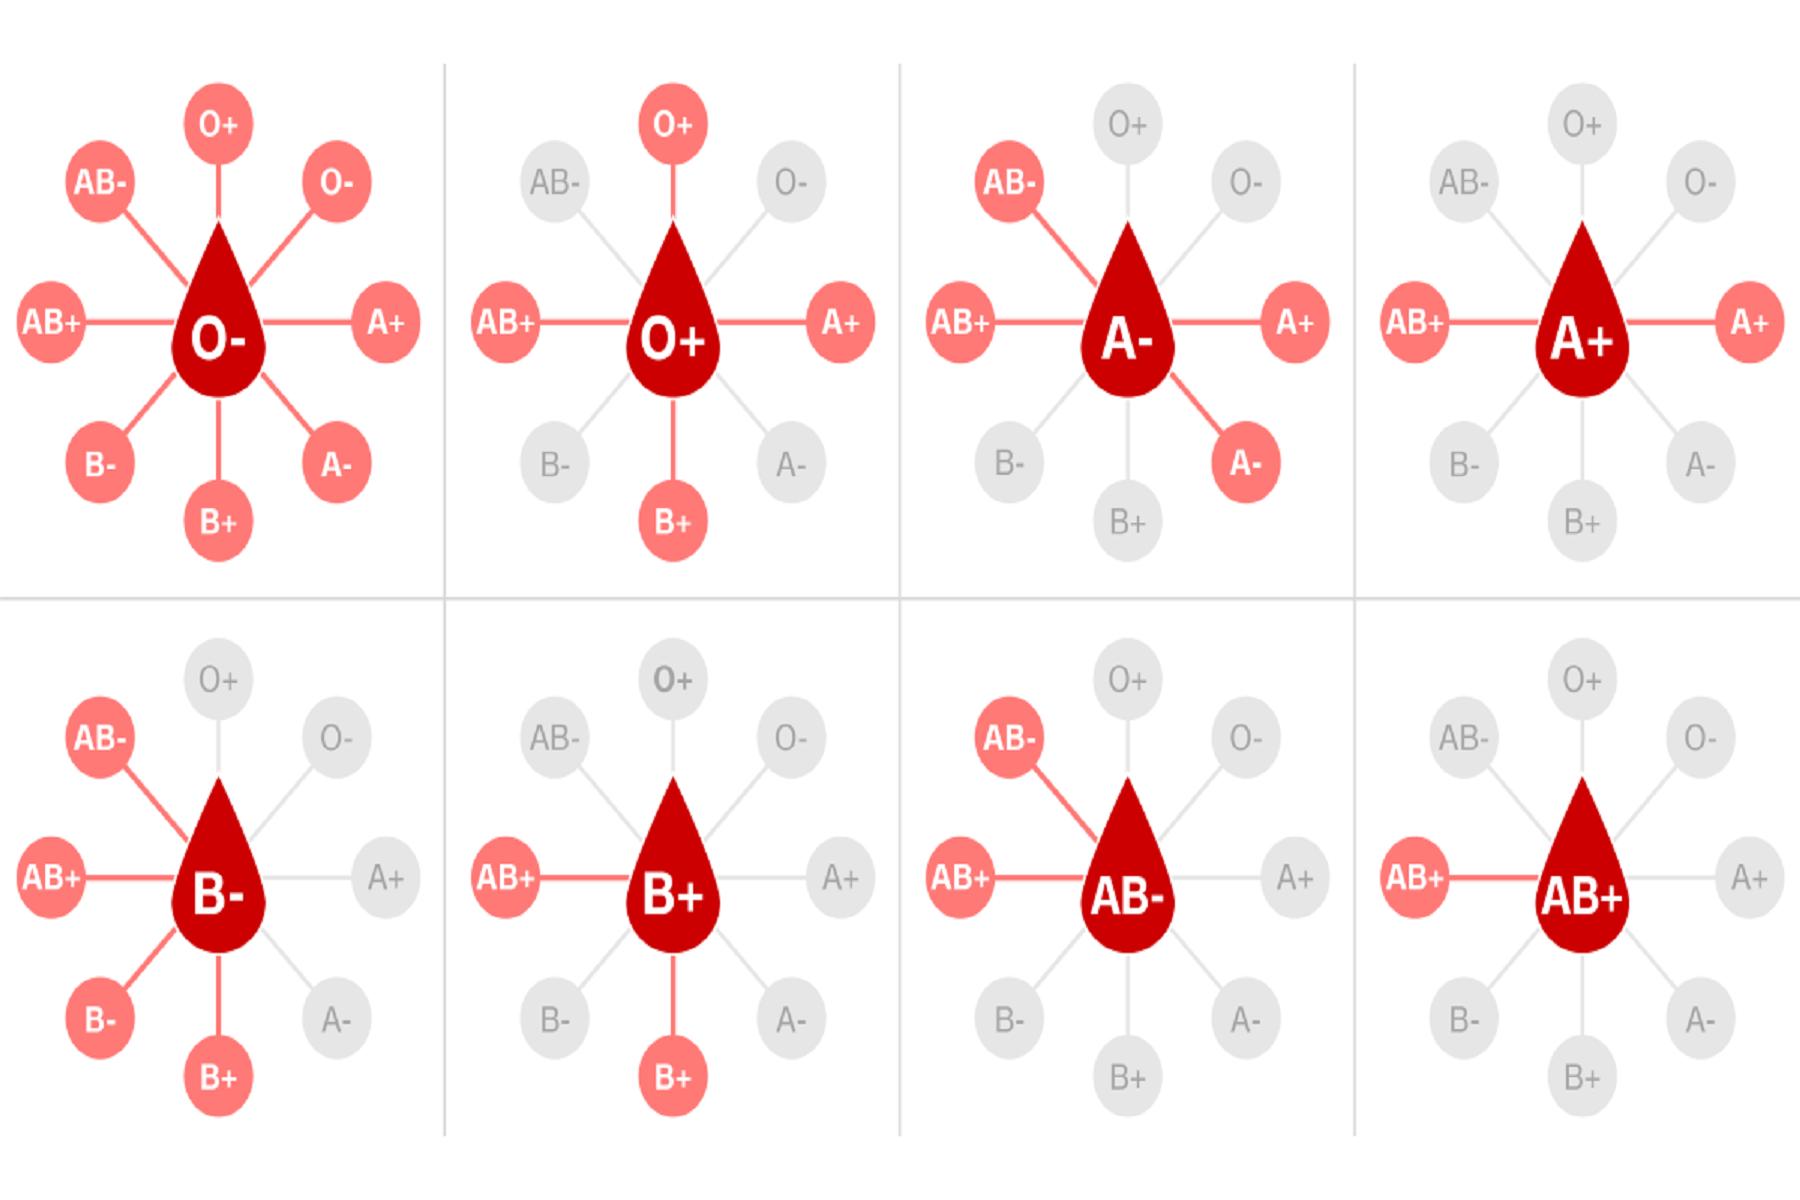 Θρόμβωση Παράγοντες: Ρόλος της ομάδας αίματος στον κίνδυνο δημιουργίας θρόμβων στο αίμα